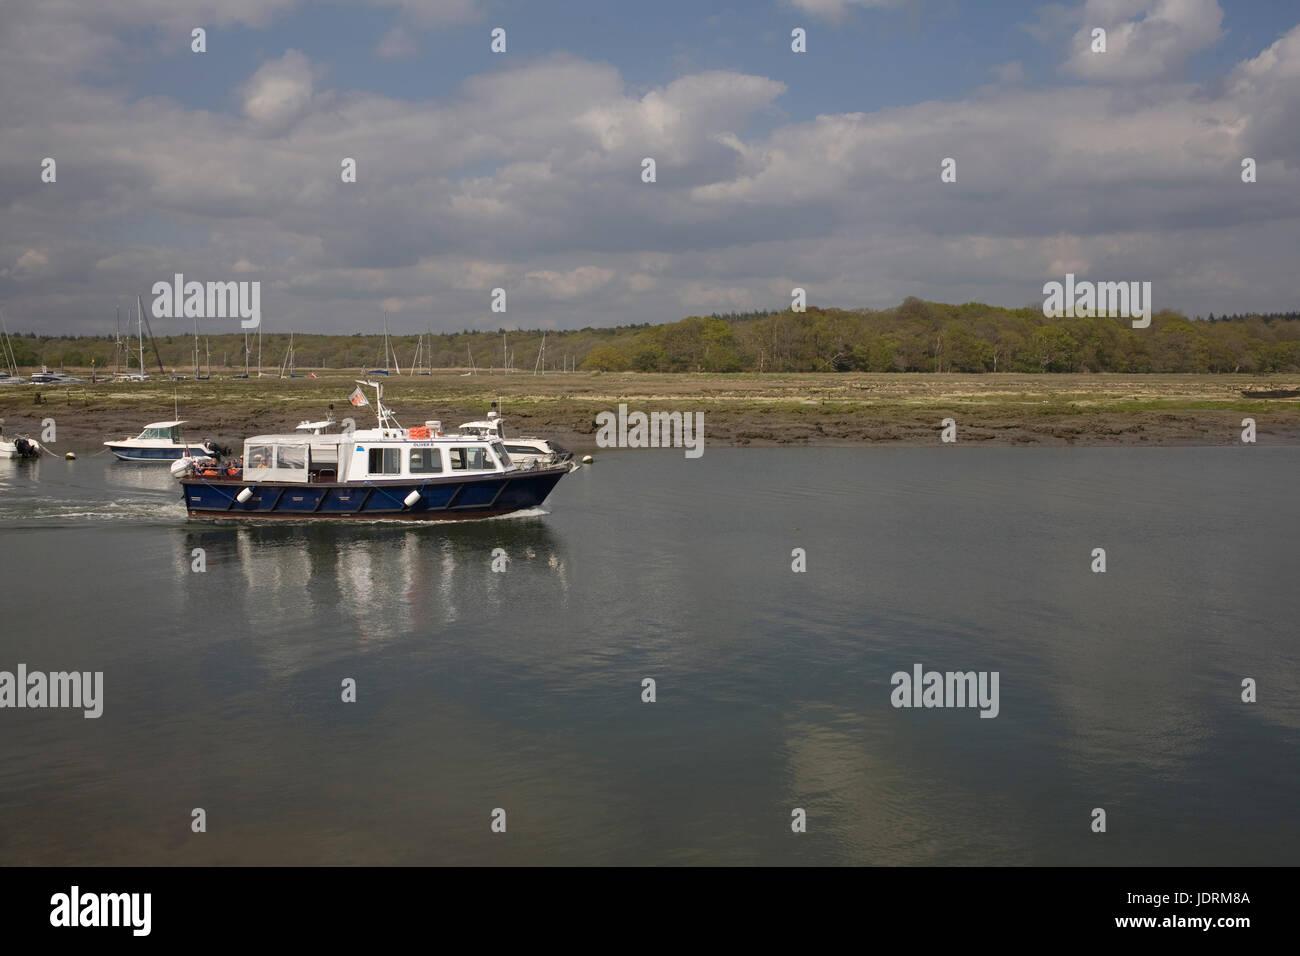 Oliver 'B' tour voile entraîne les visiteurs dans un court voyage à l'embouchure de la rivière Photo Stock